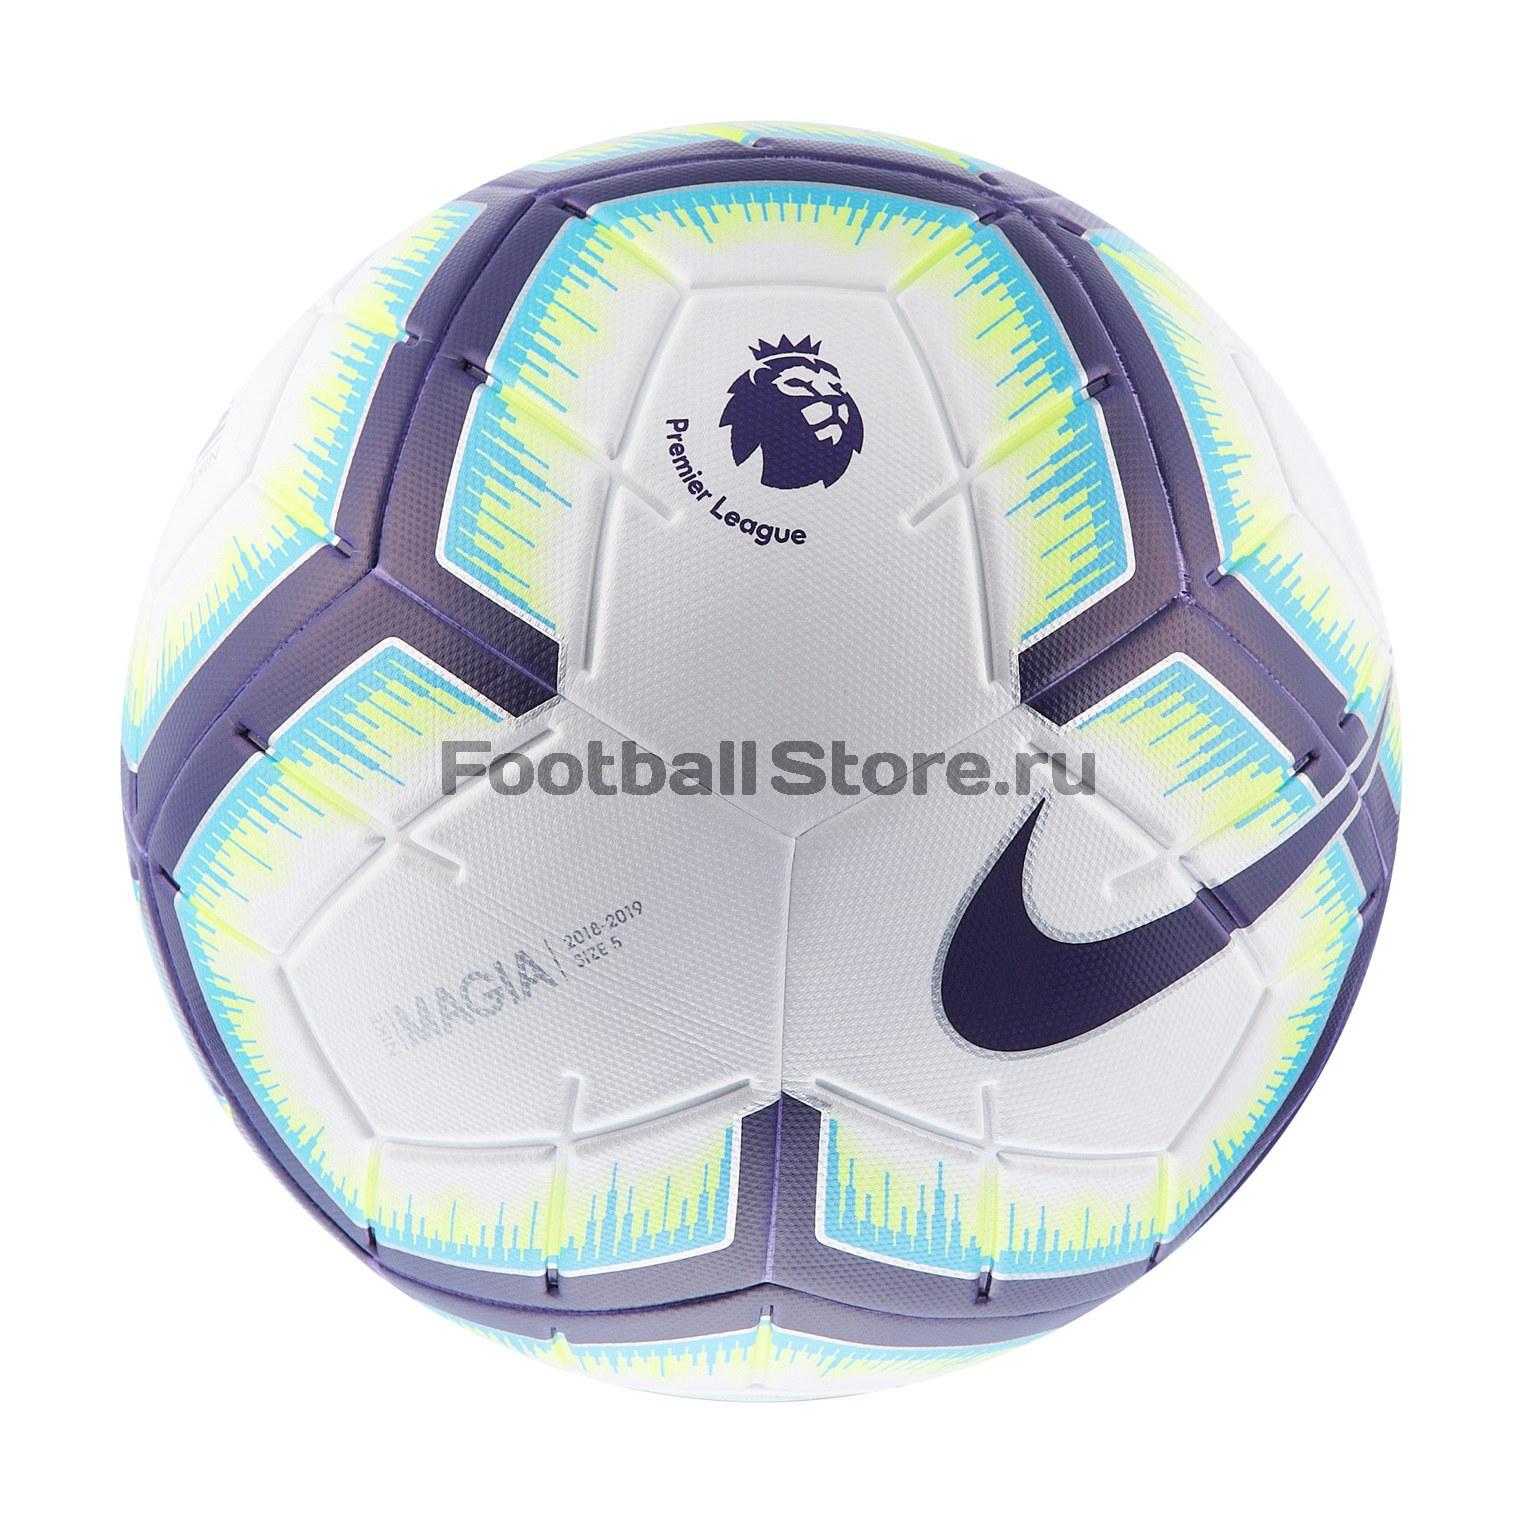 все цены на Футбольный мяч Nike Premier Liga (Англия) Magia SC3320-100